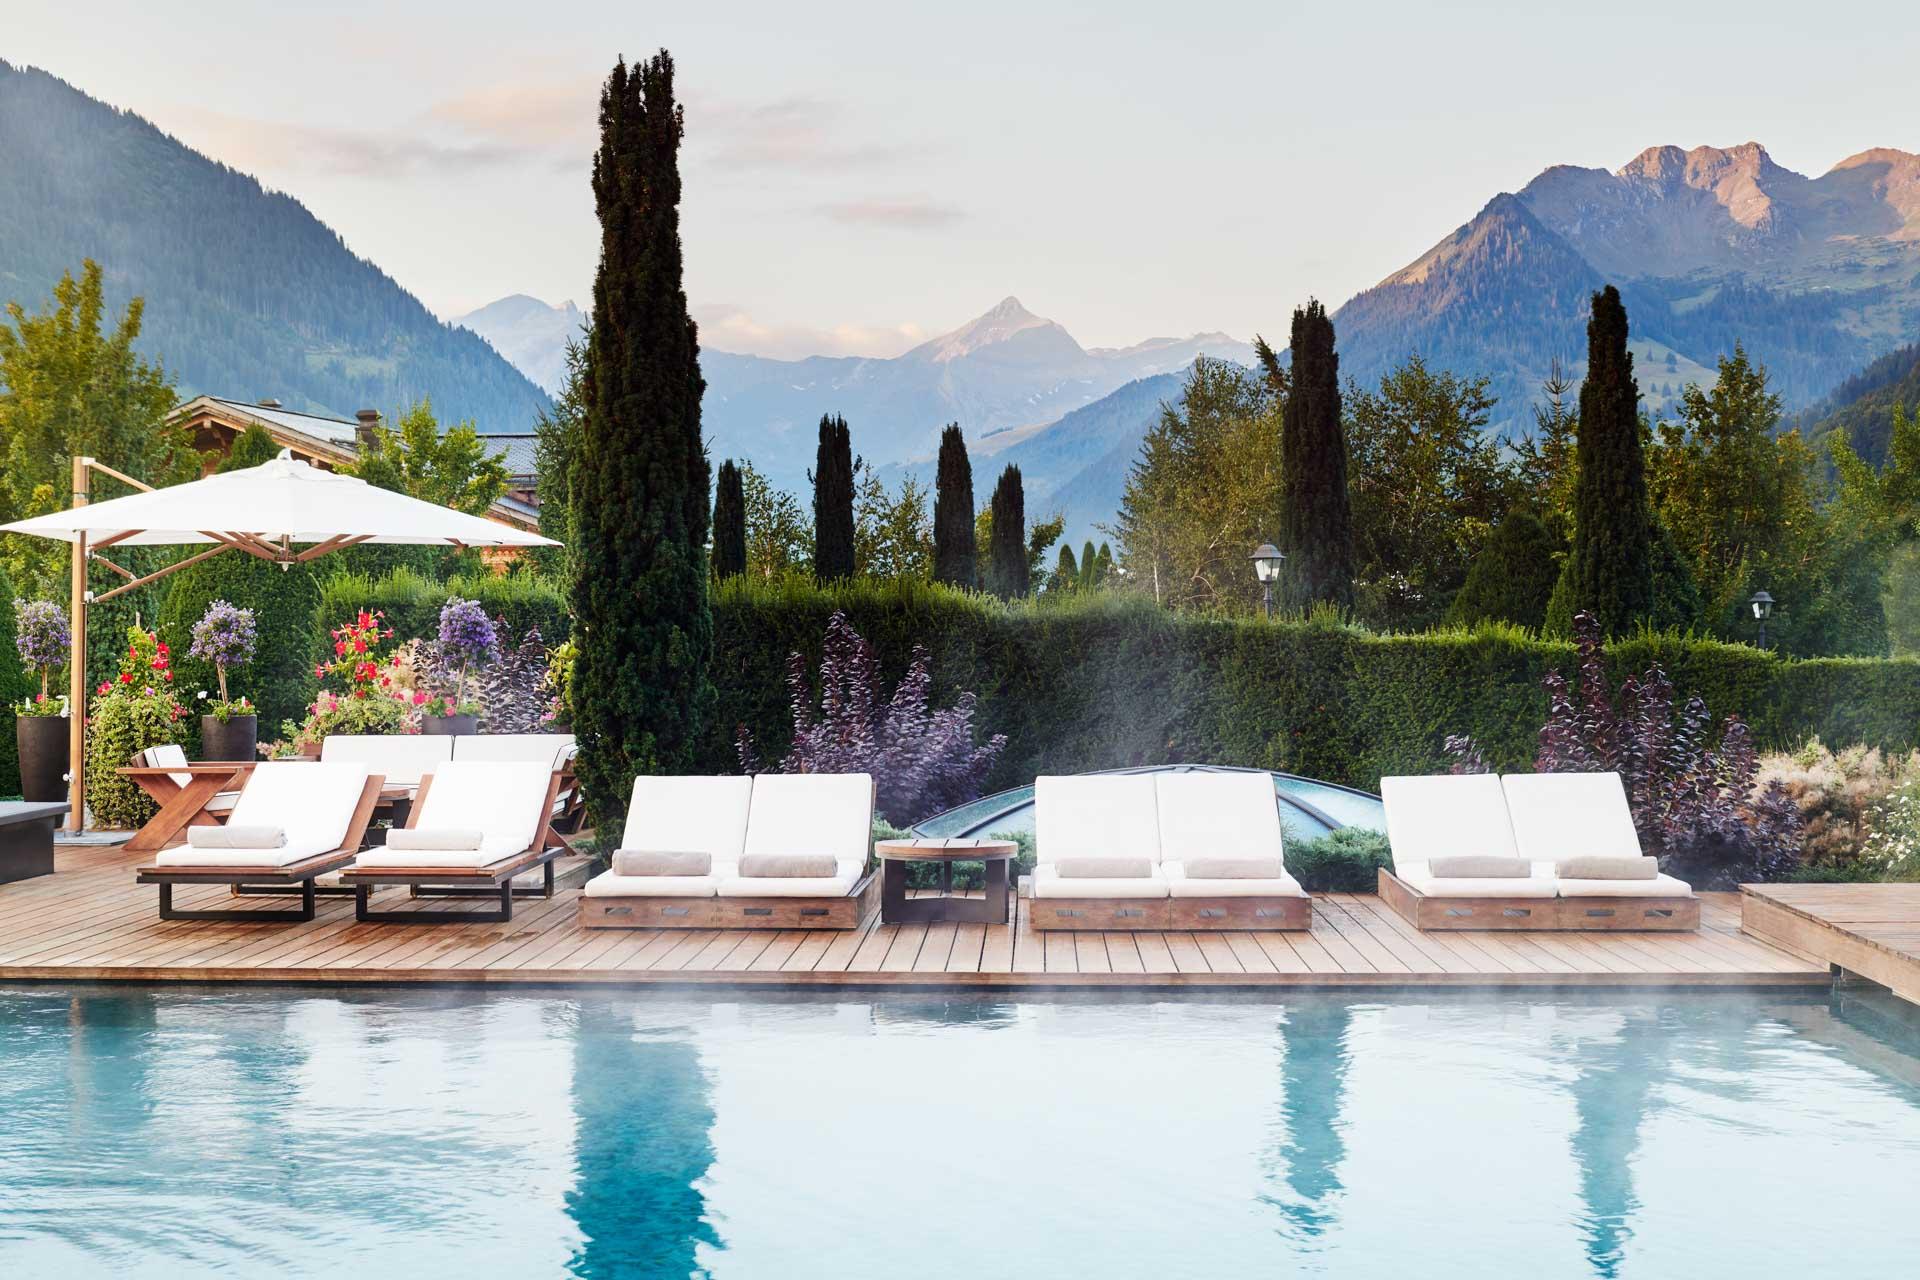 La réputation de la chic et discrète station de Gstaad n'est pas seulement due au charme de son village, à ses beaux hôtels et ses majestueux paysages de montagne, mais aussi à une offre bien-être incomparable.